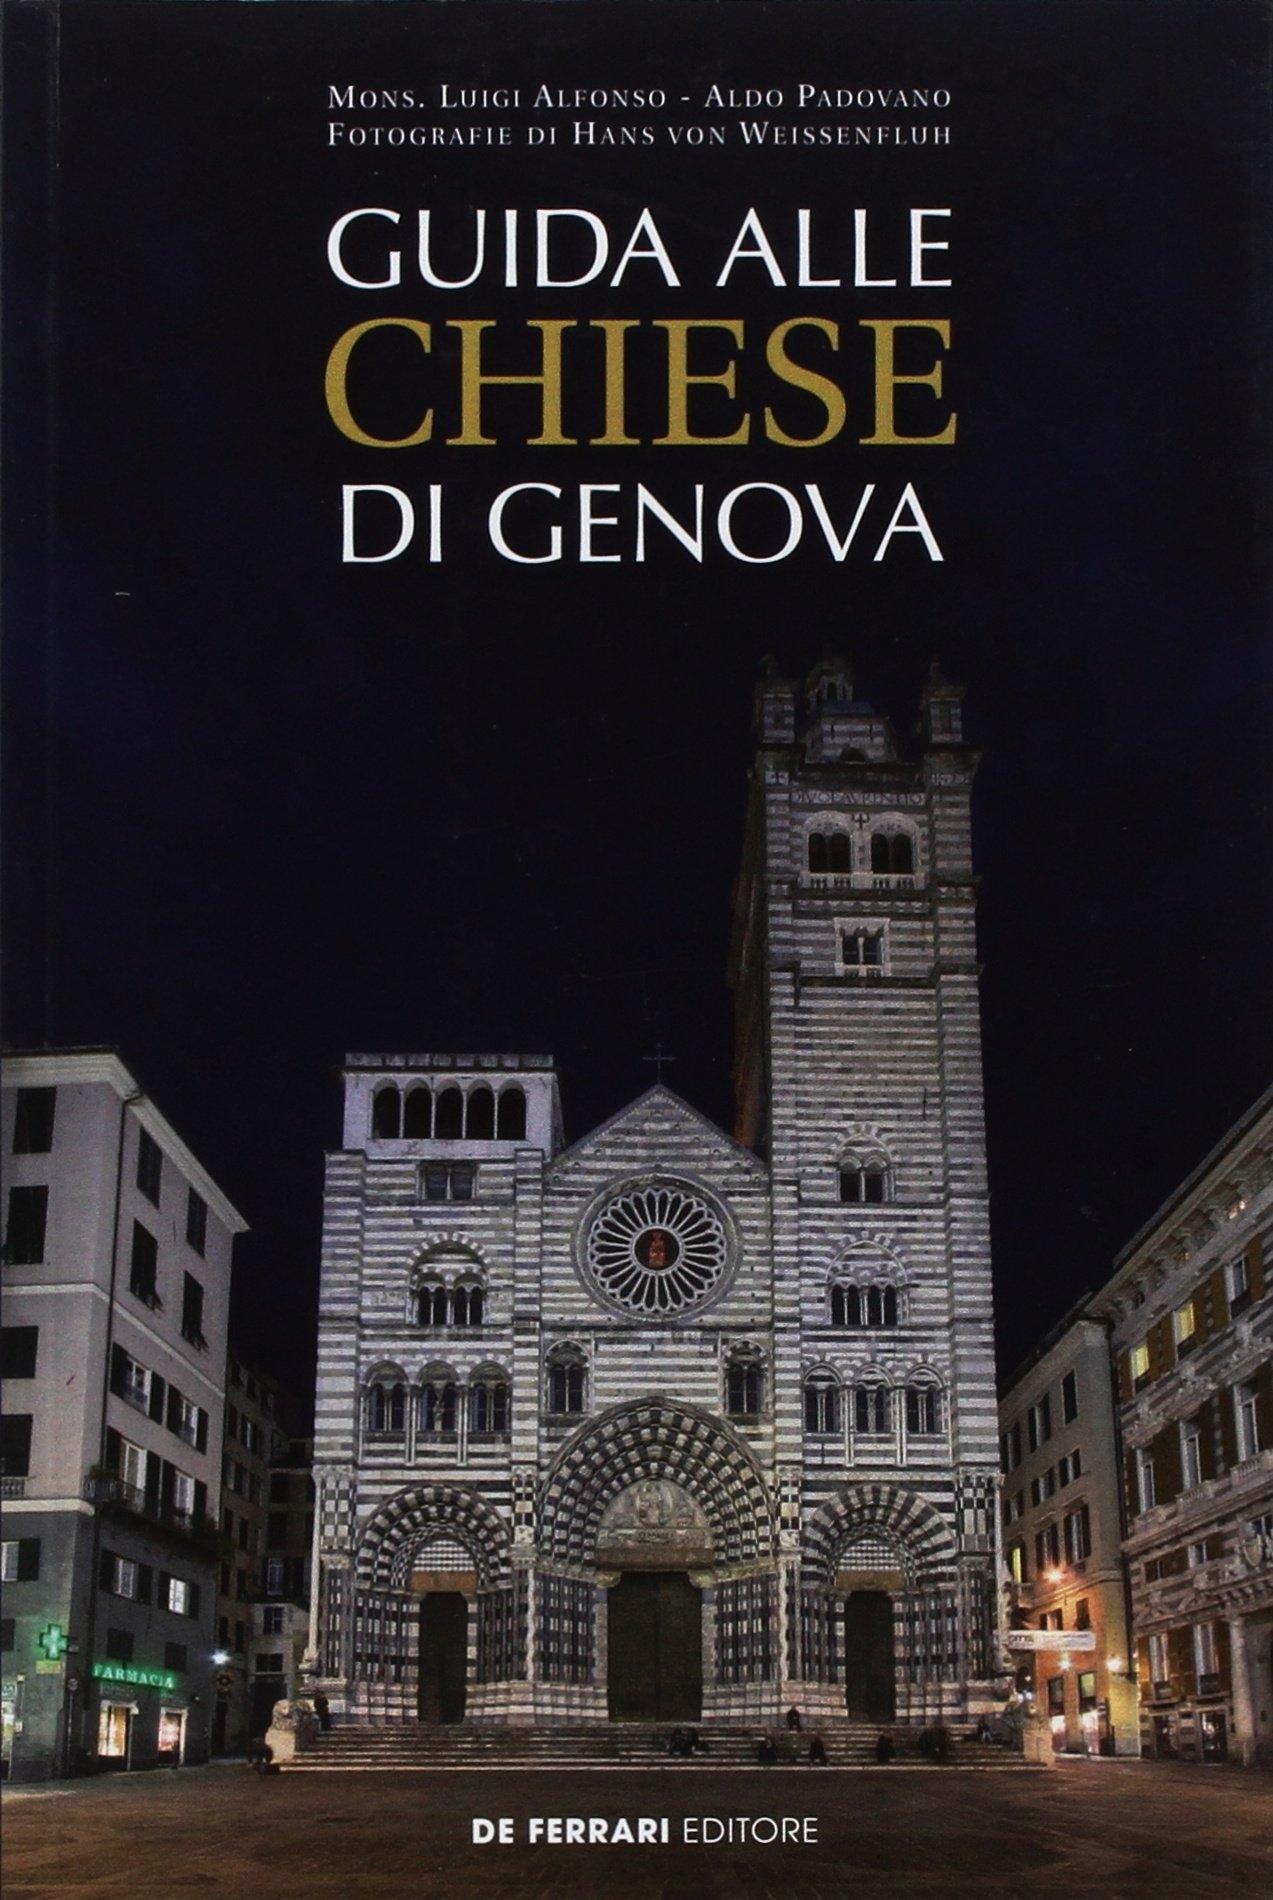 Guida alle Chiese di Genova